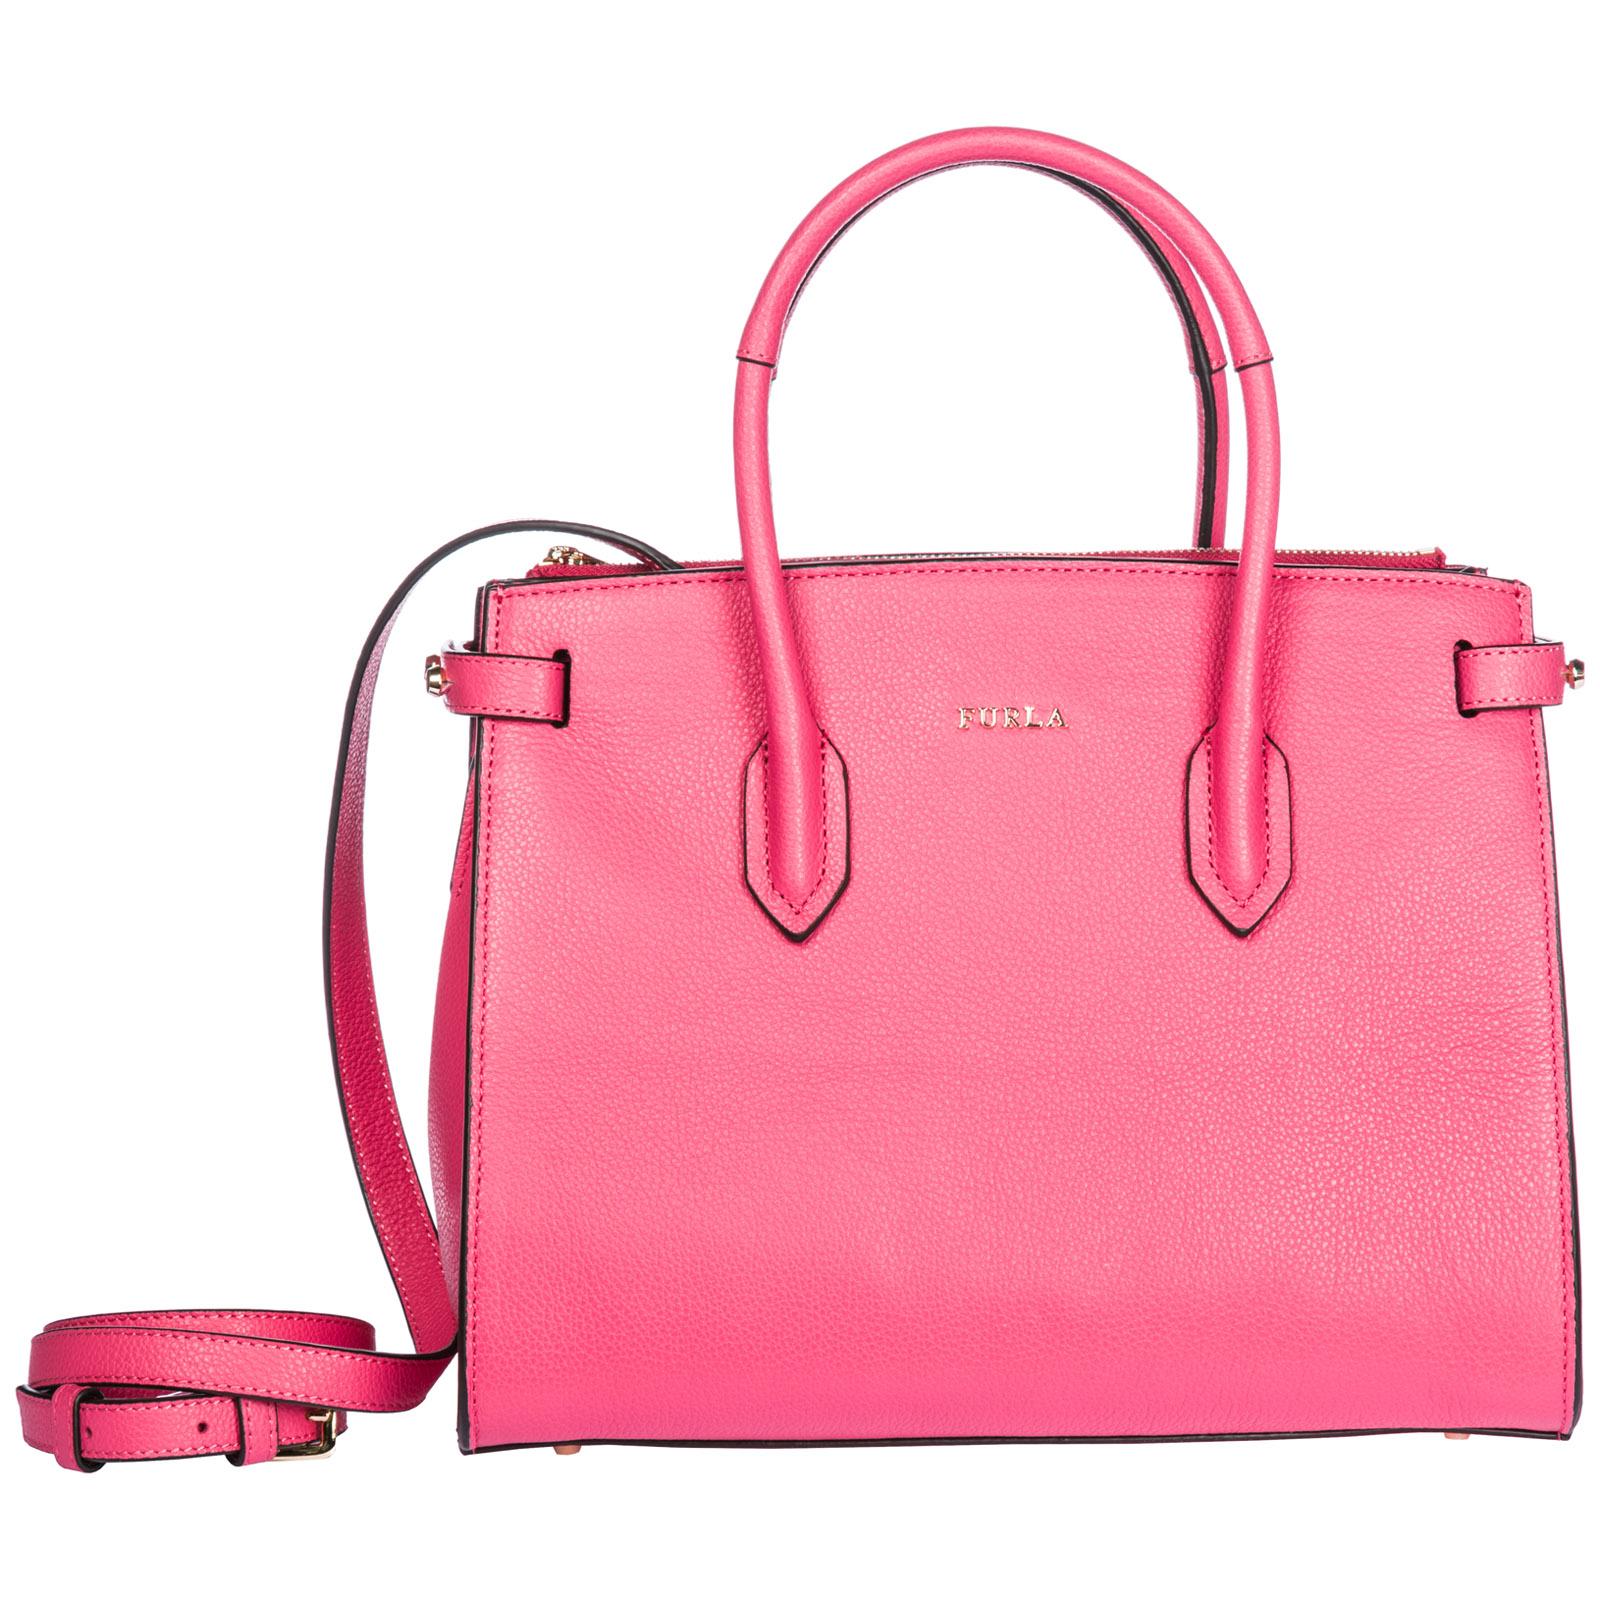 425271868f Furla Women s leather handbag shopping bag purse pin